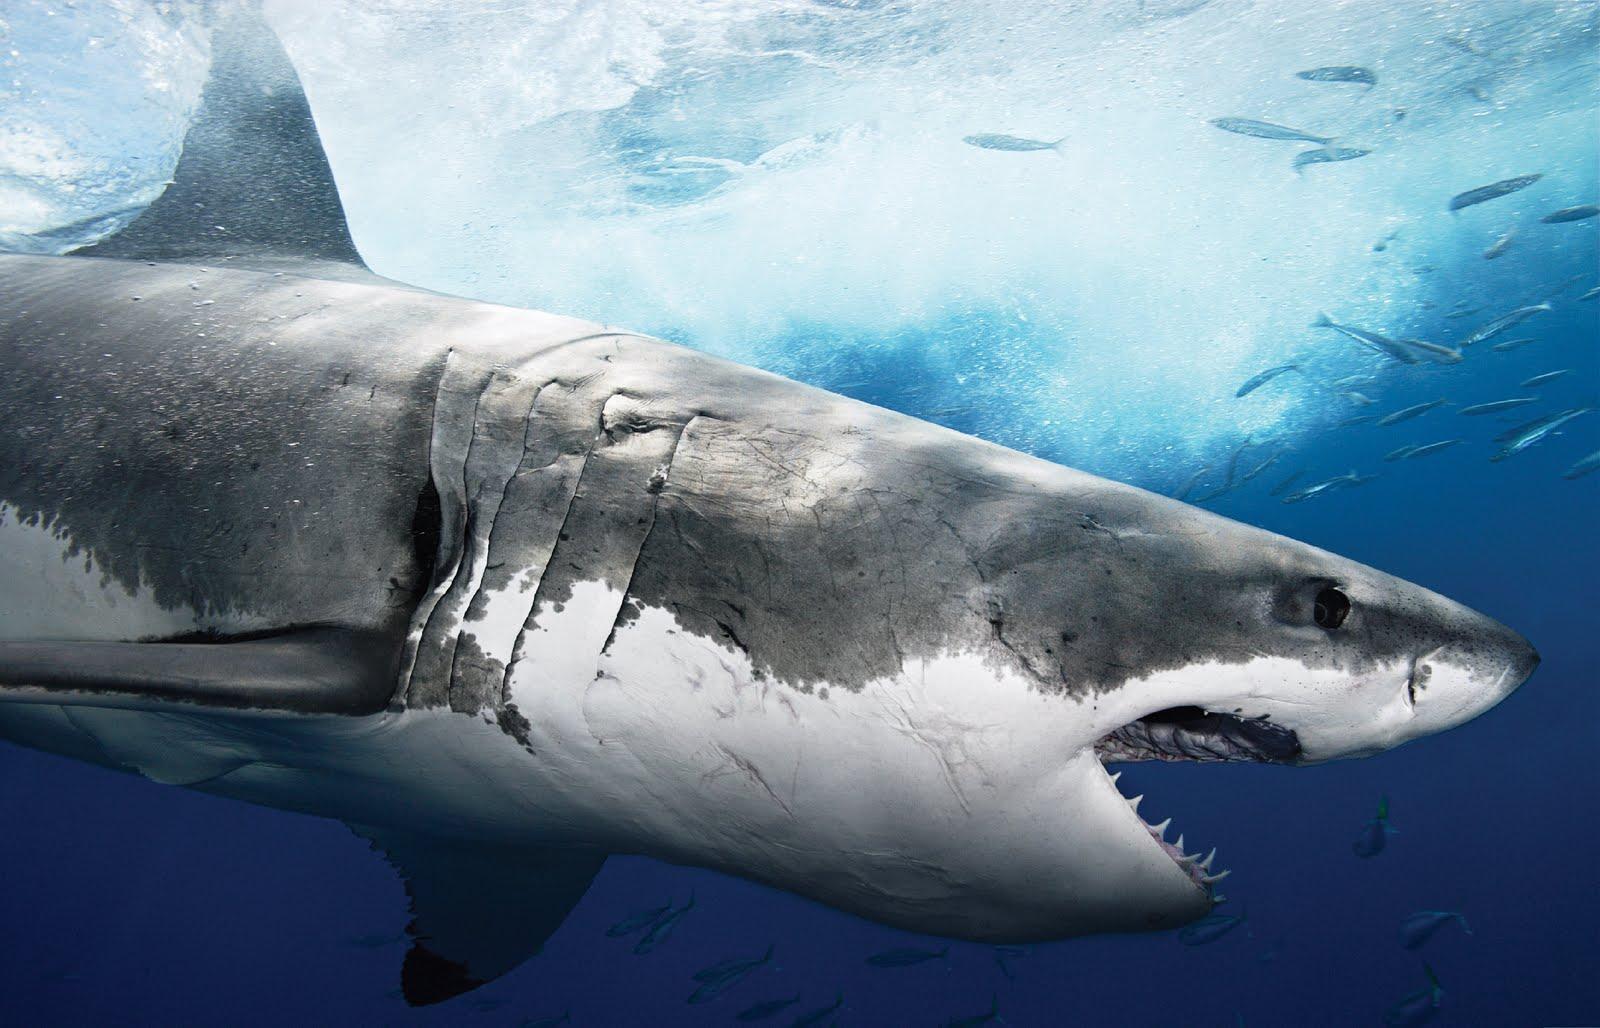 squalo speculazione